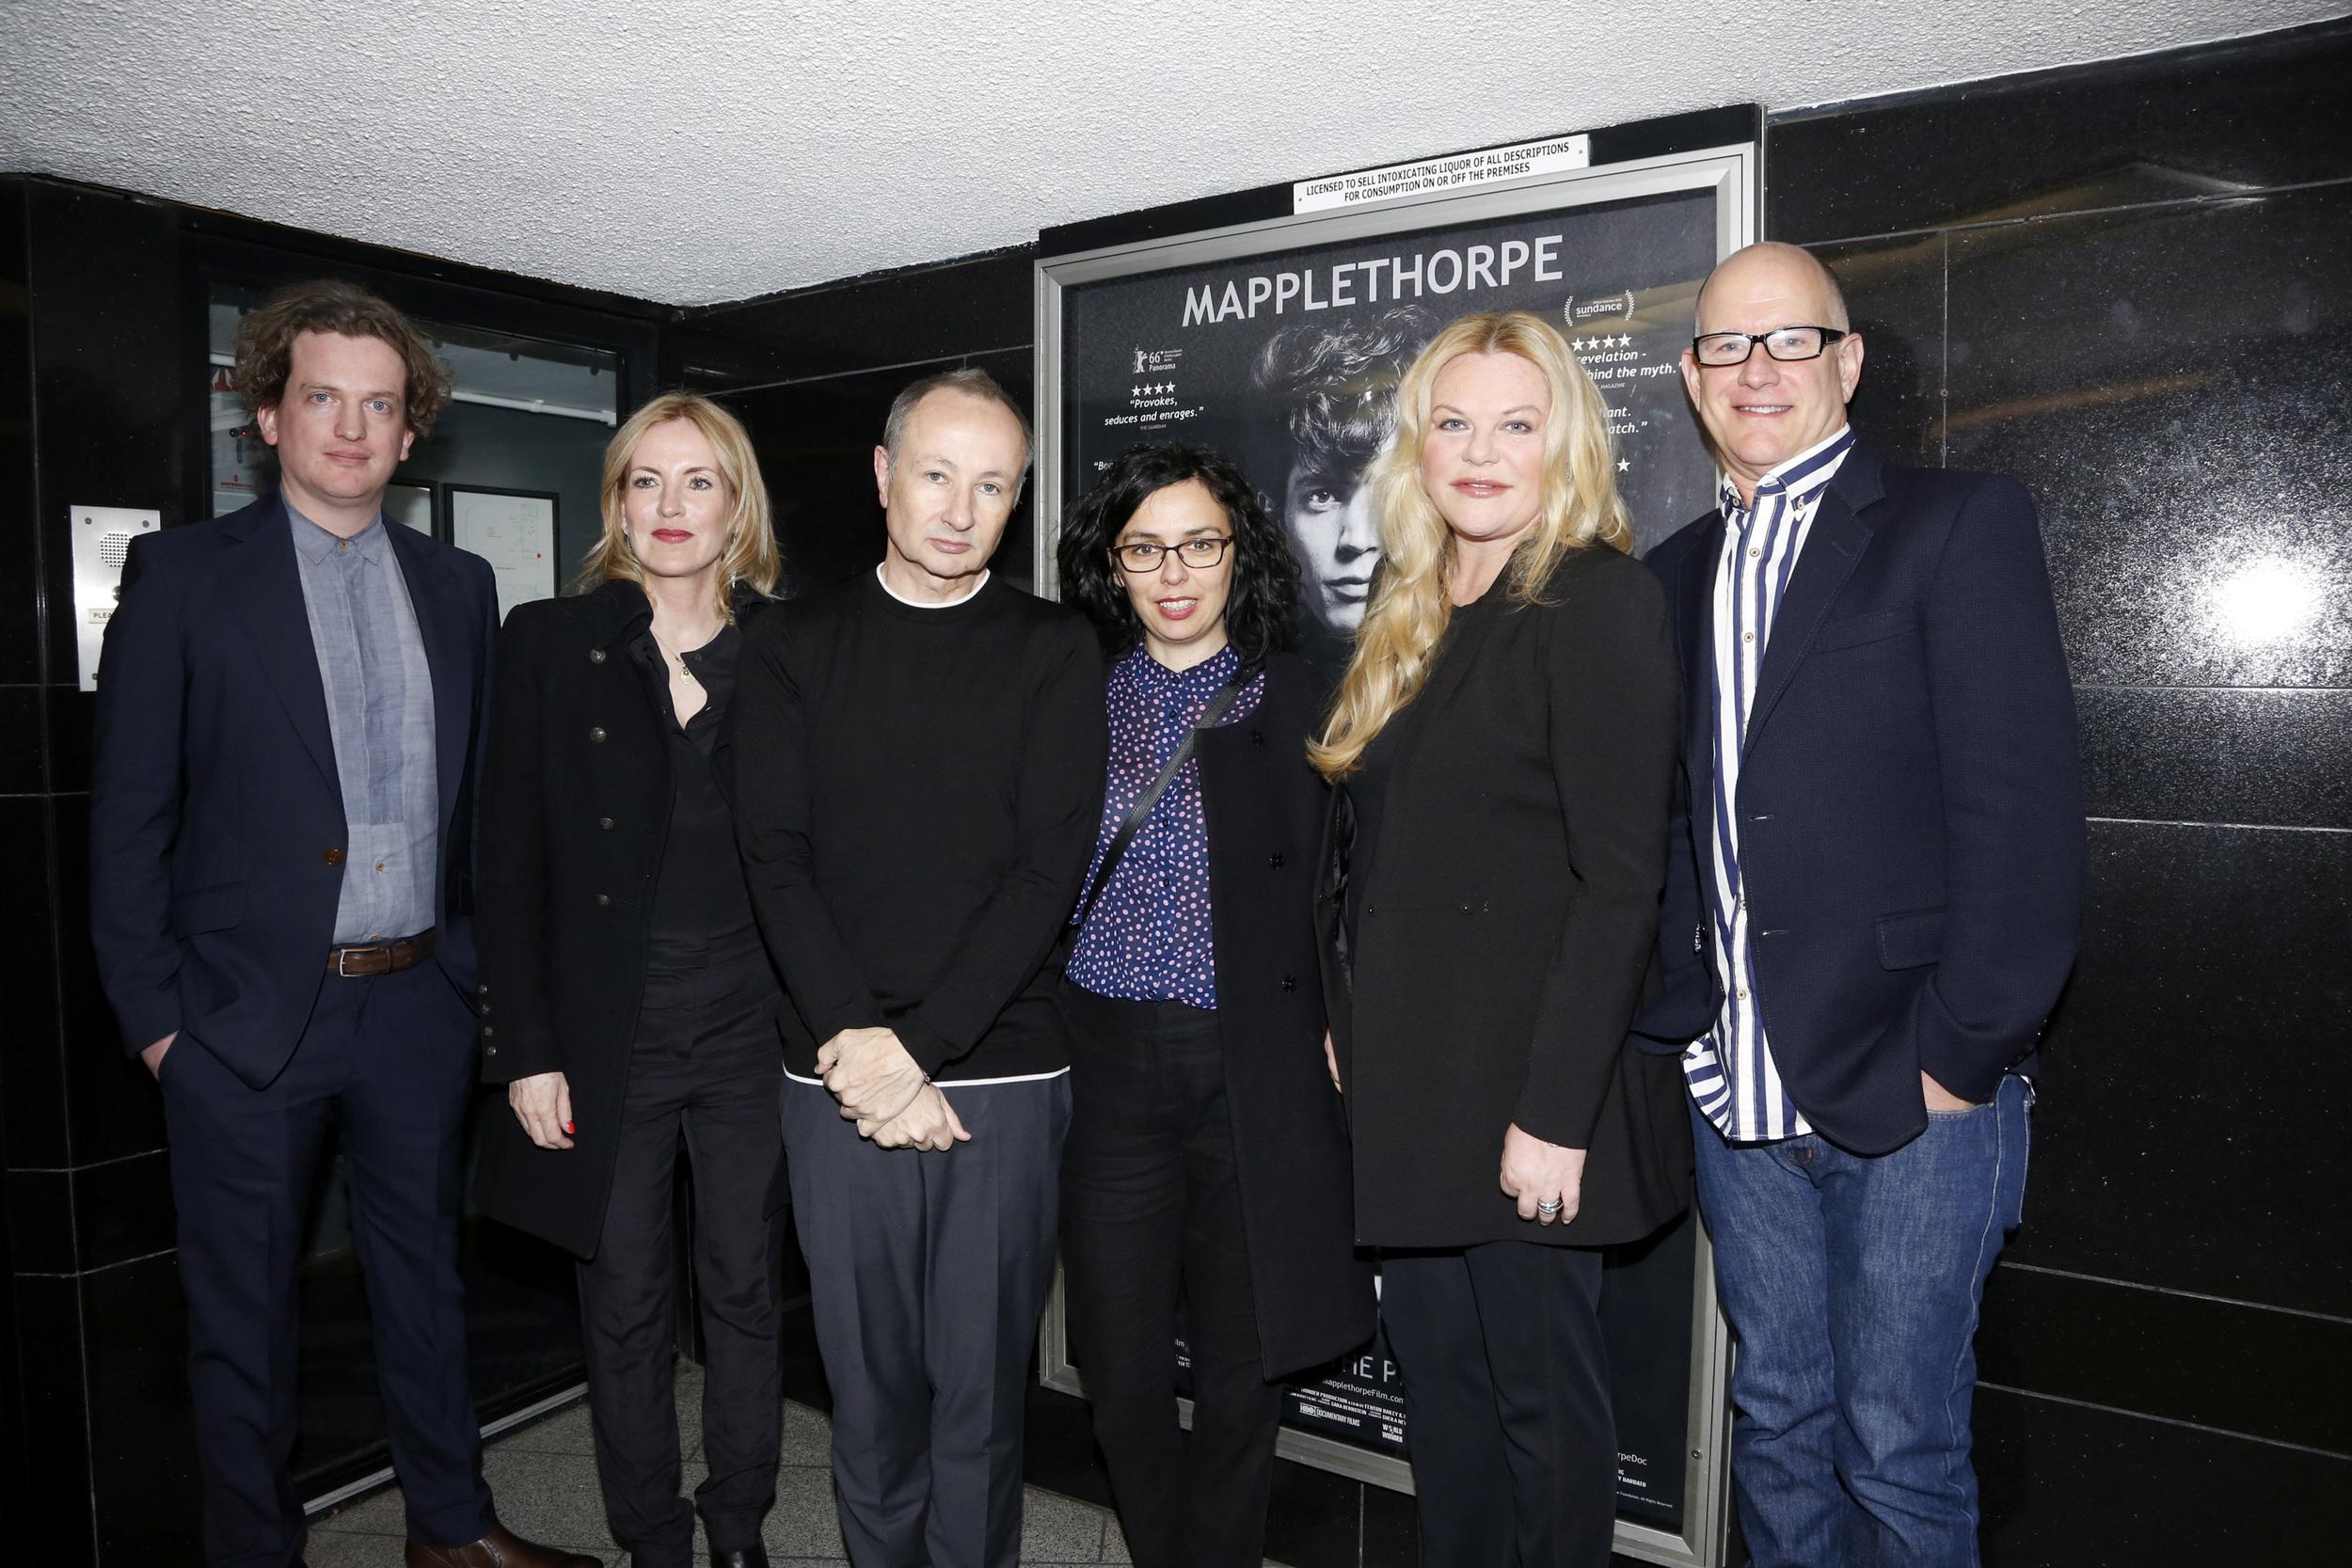 Oli Harbottle, Kathrin Lohman, Fenton Bailey, Vesna Cudic, Katharina Otto-Bernstein and Randy Barbato